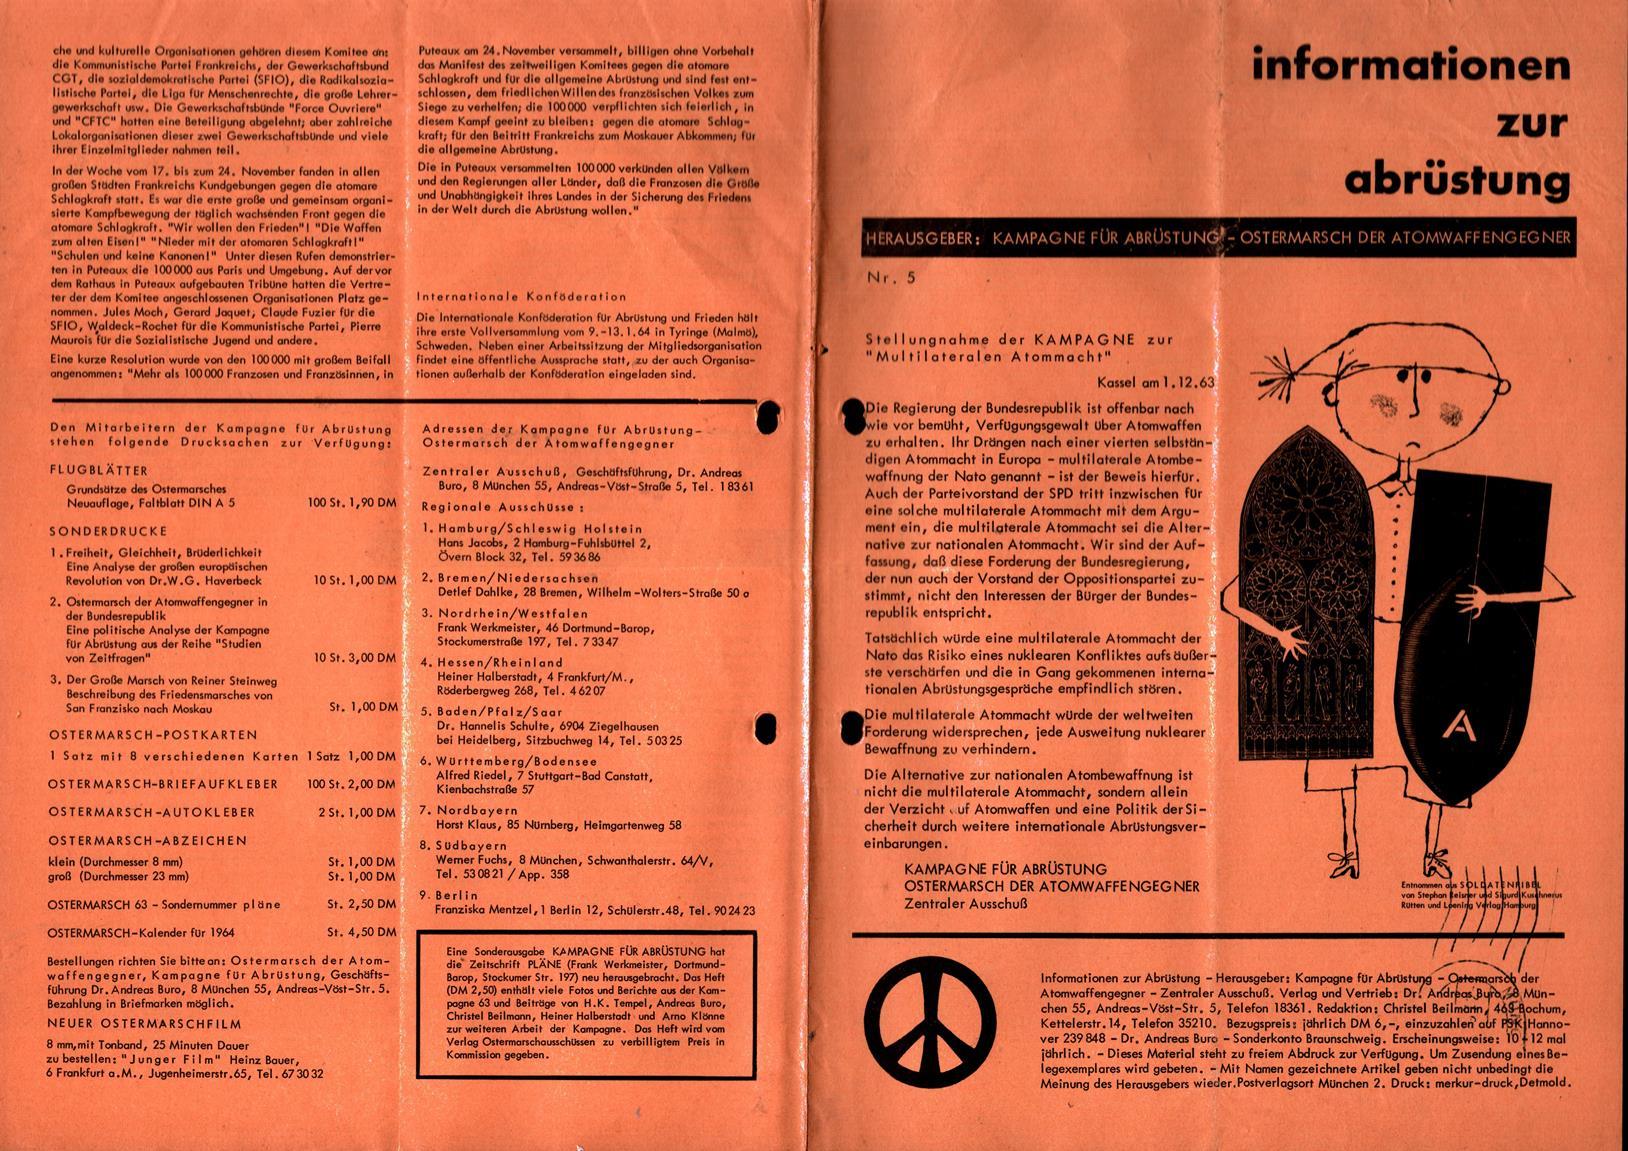 Infos_zur_Abruestung_1963_005_001